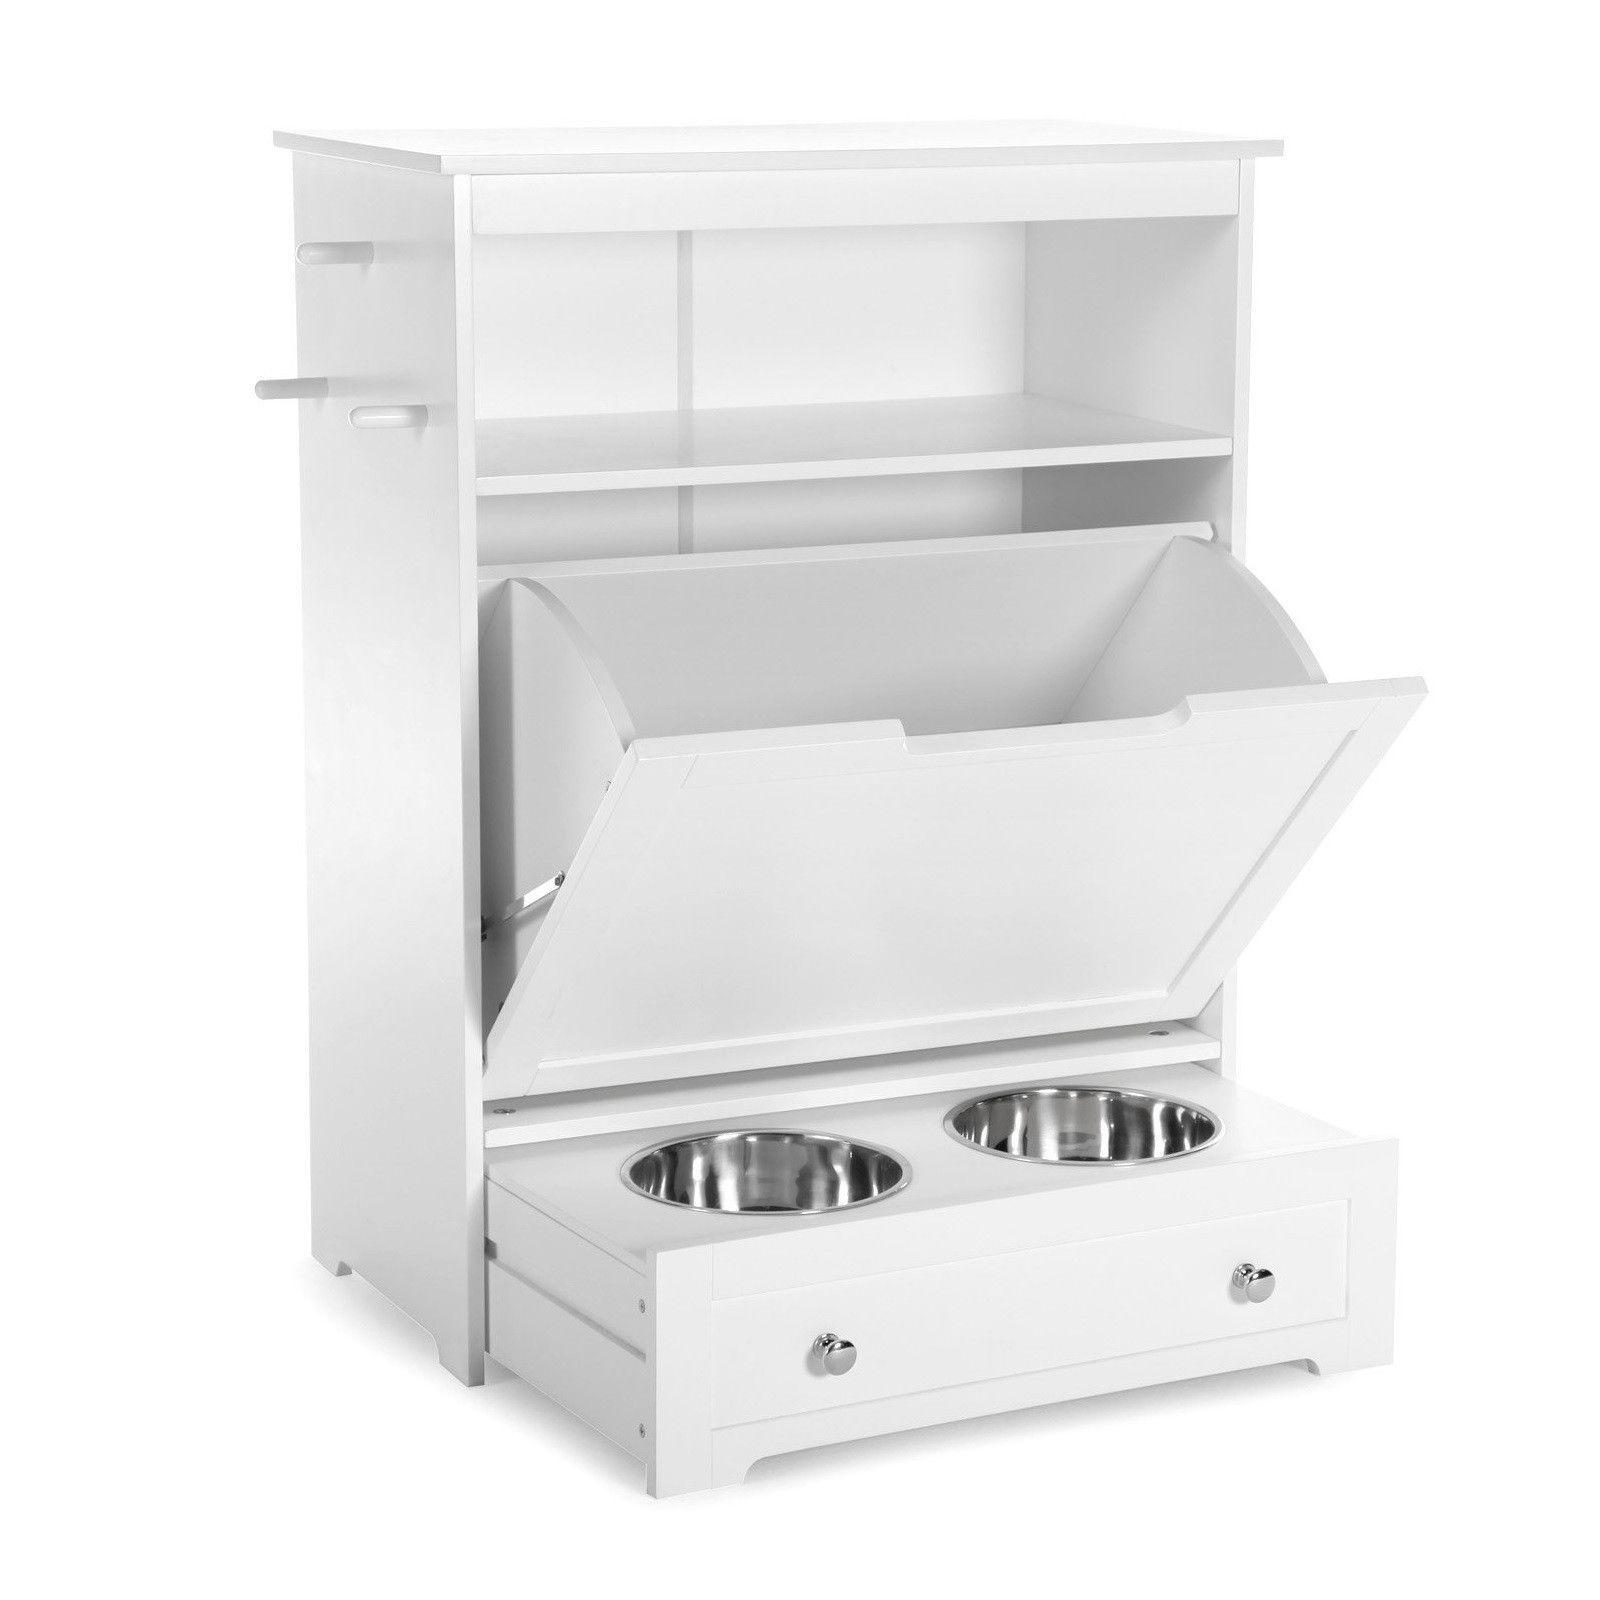 Pet feeder station storage cabinet